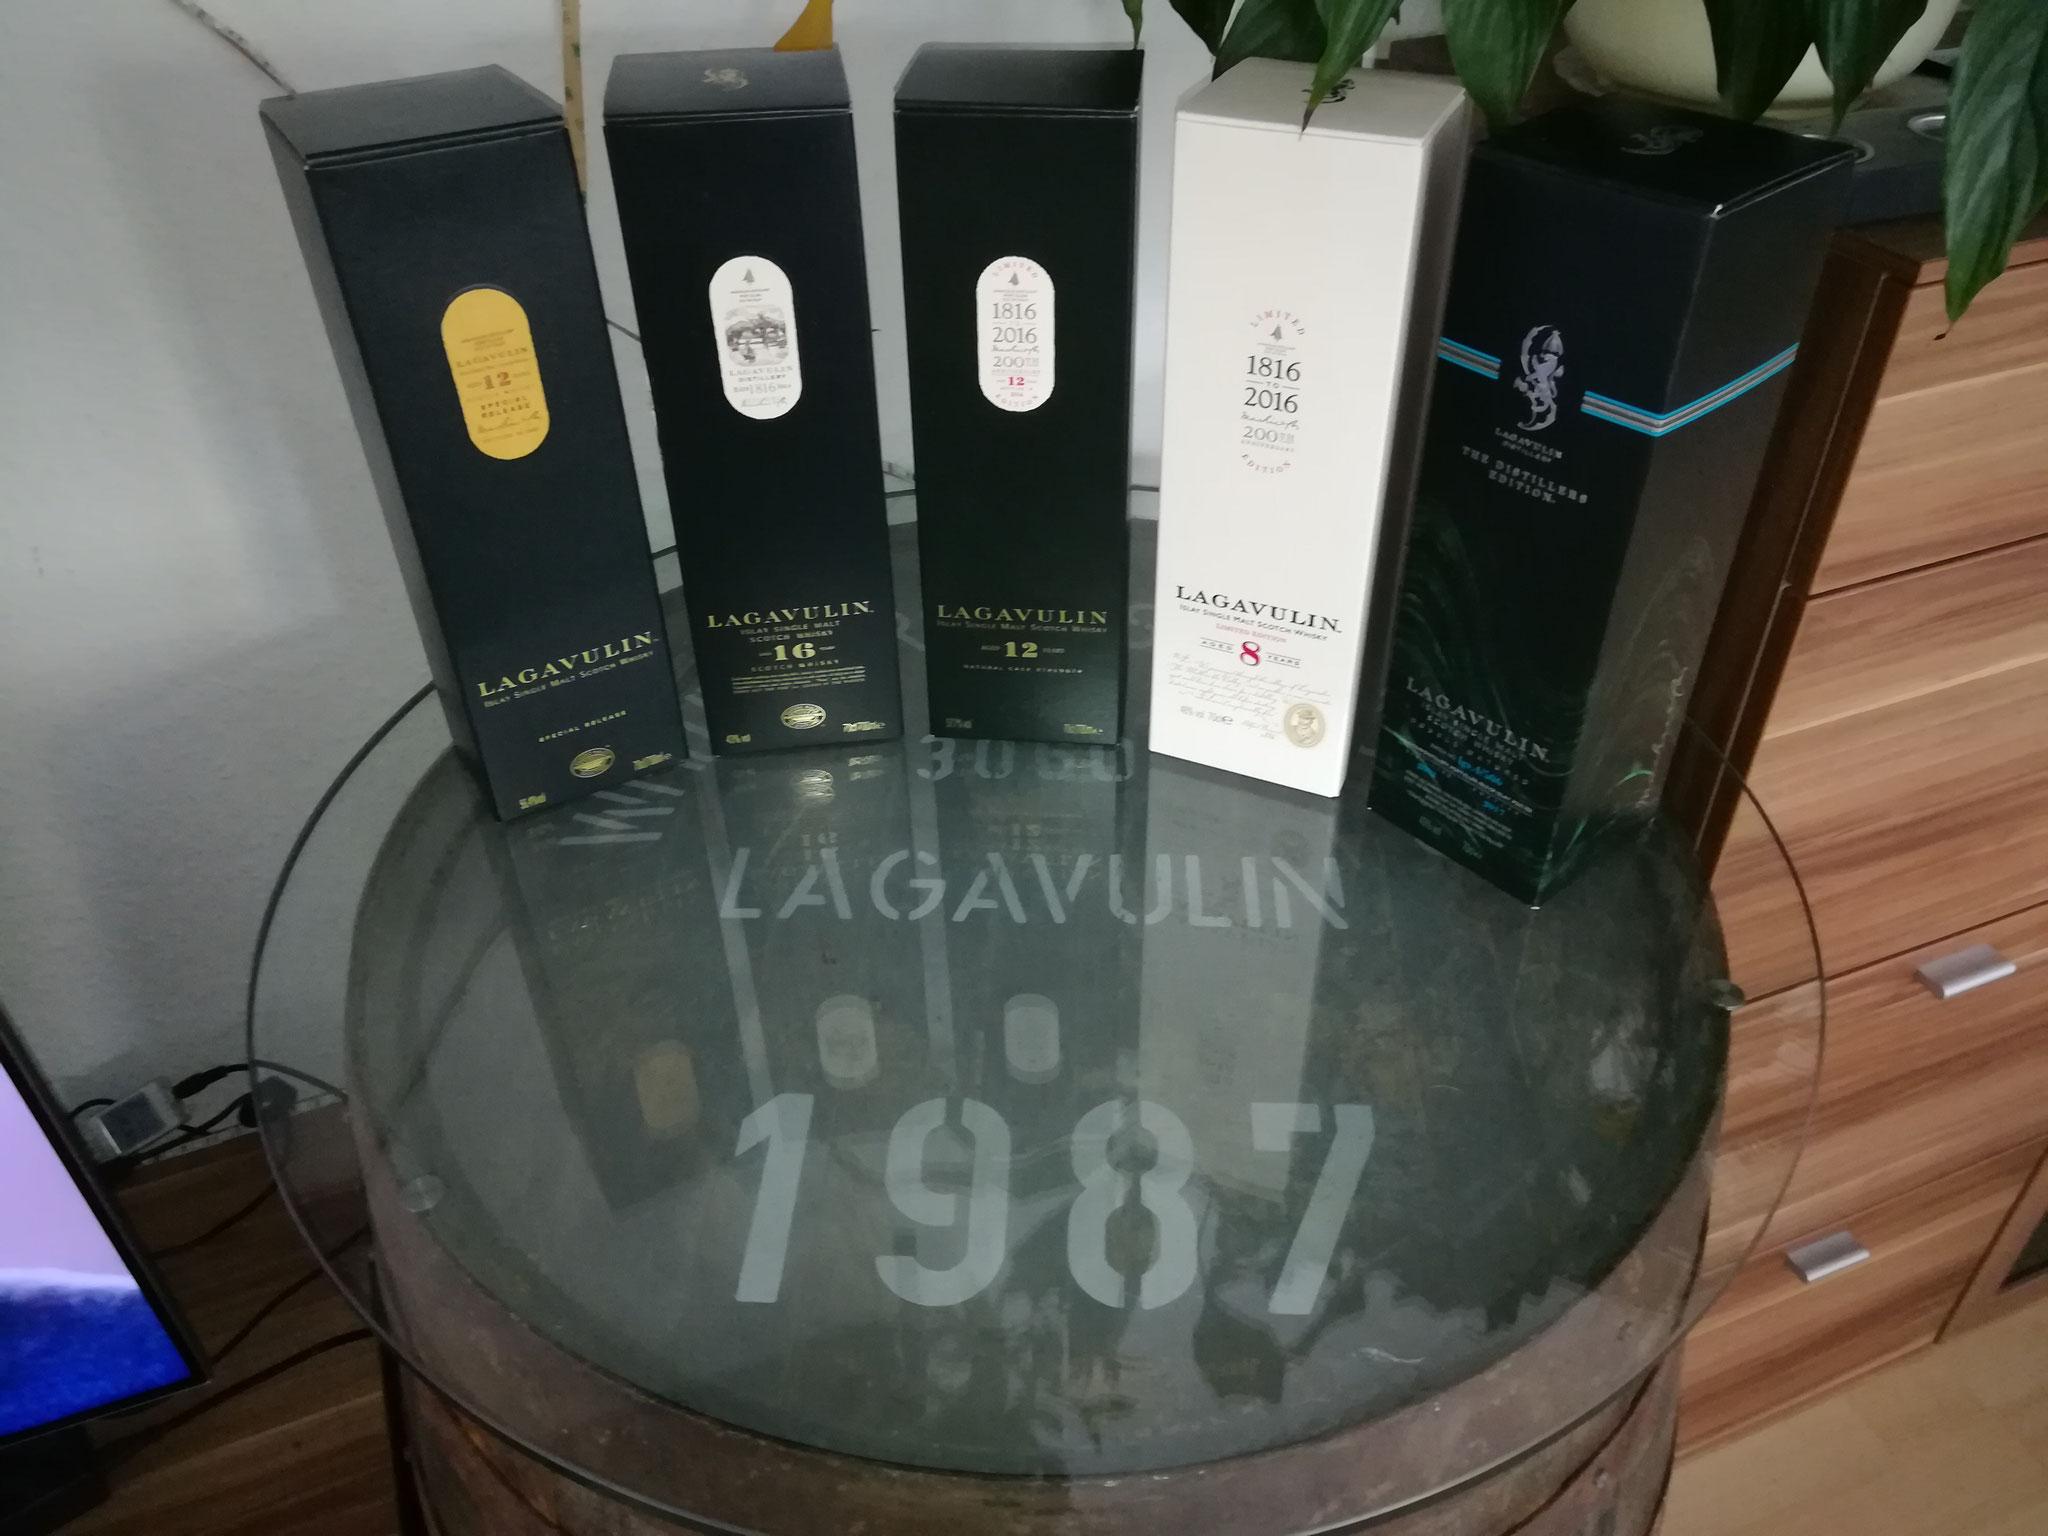 von Lagavulin!